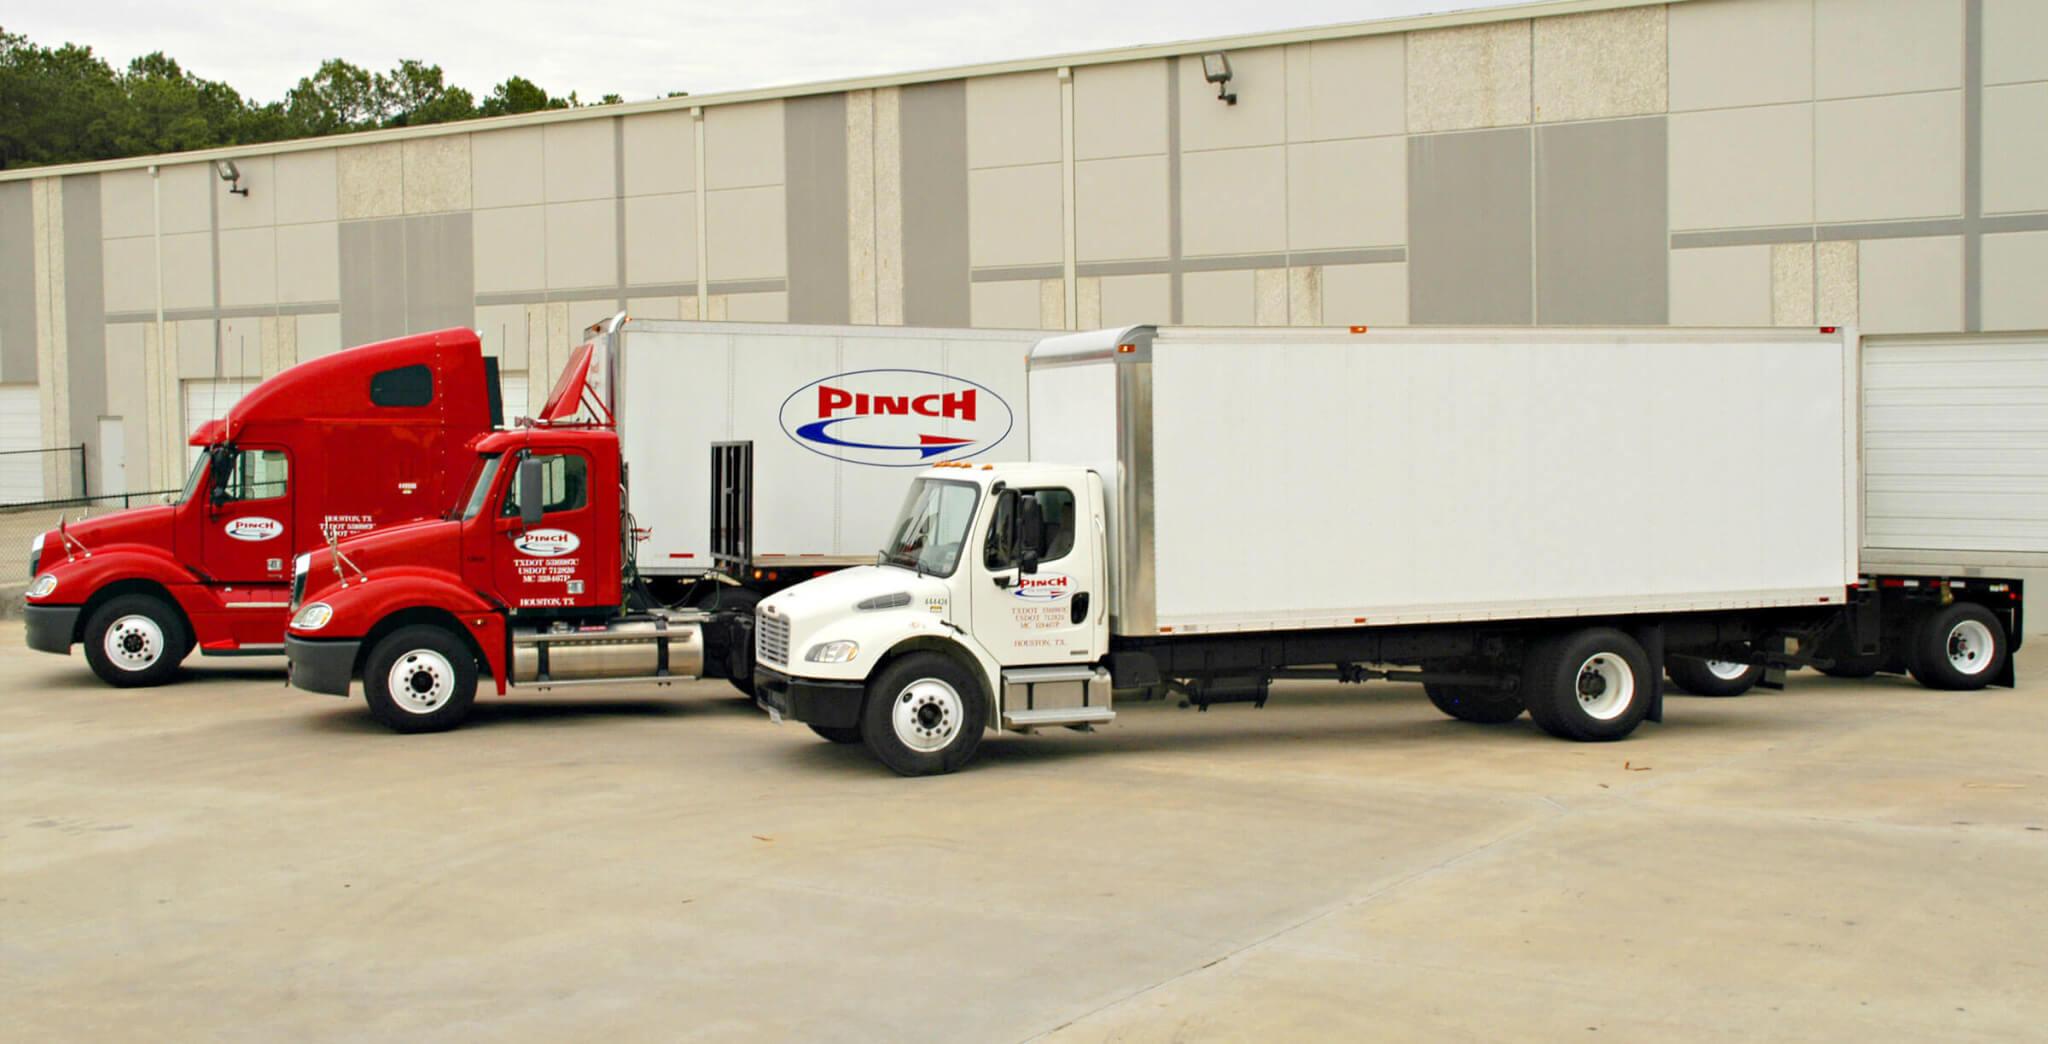 Pinch Trucks